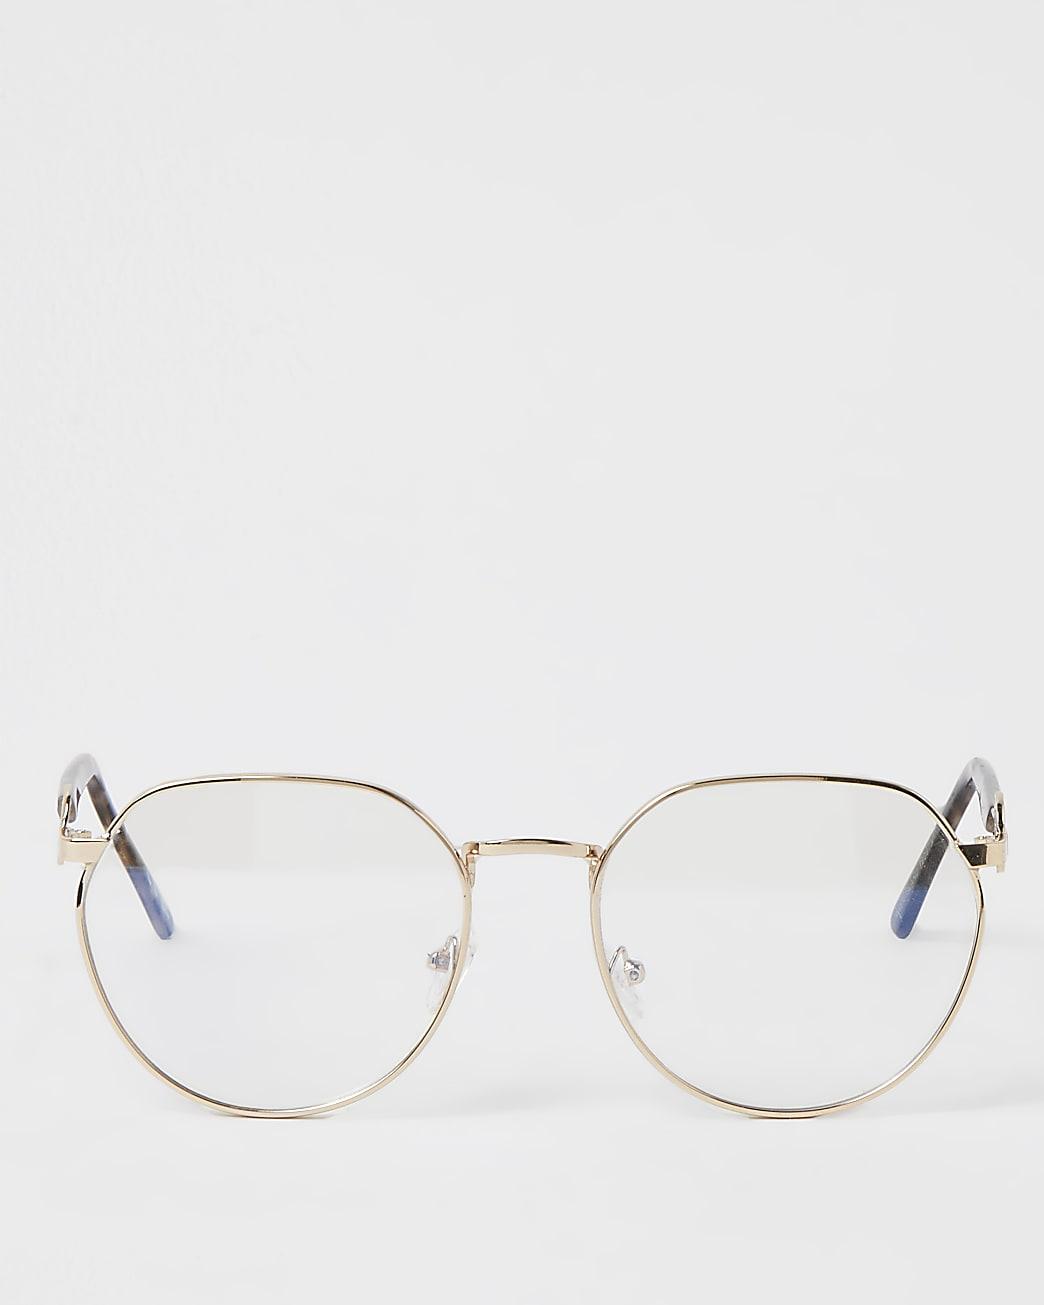 Gold frame blue light lens glasses